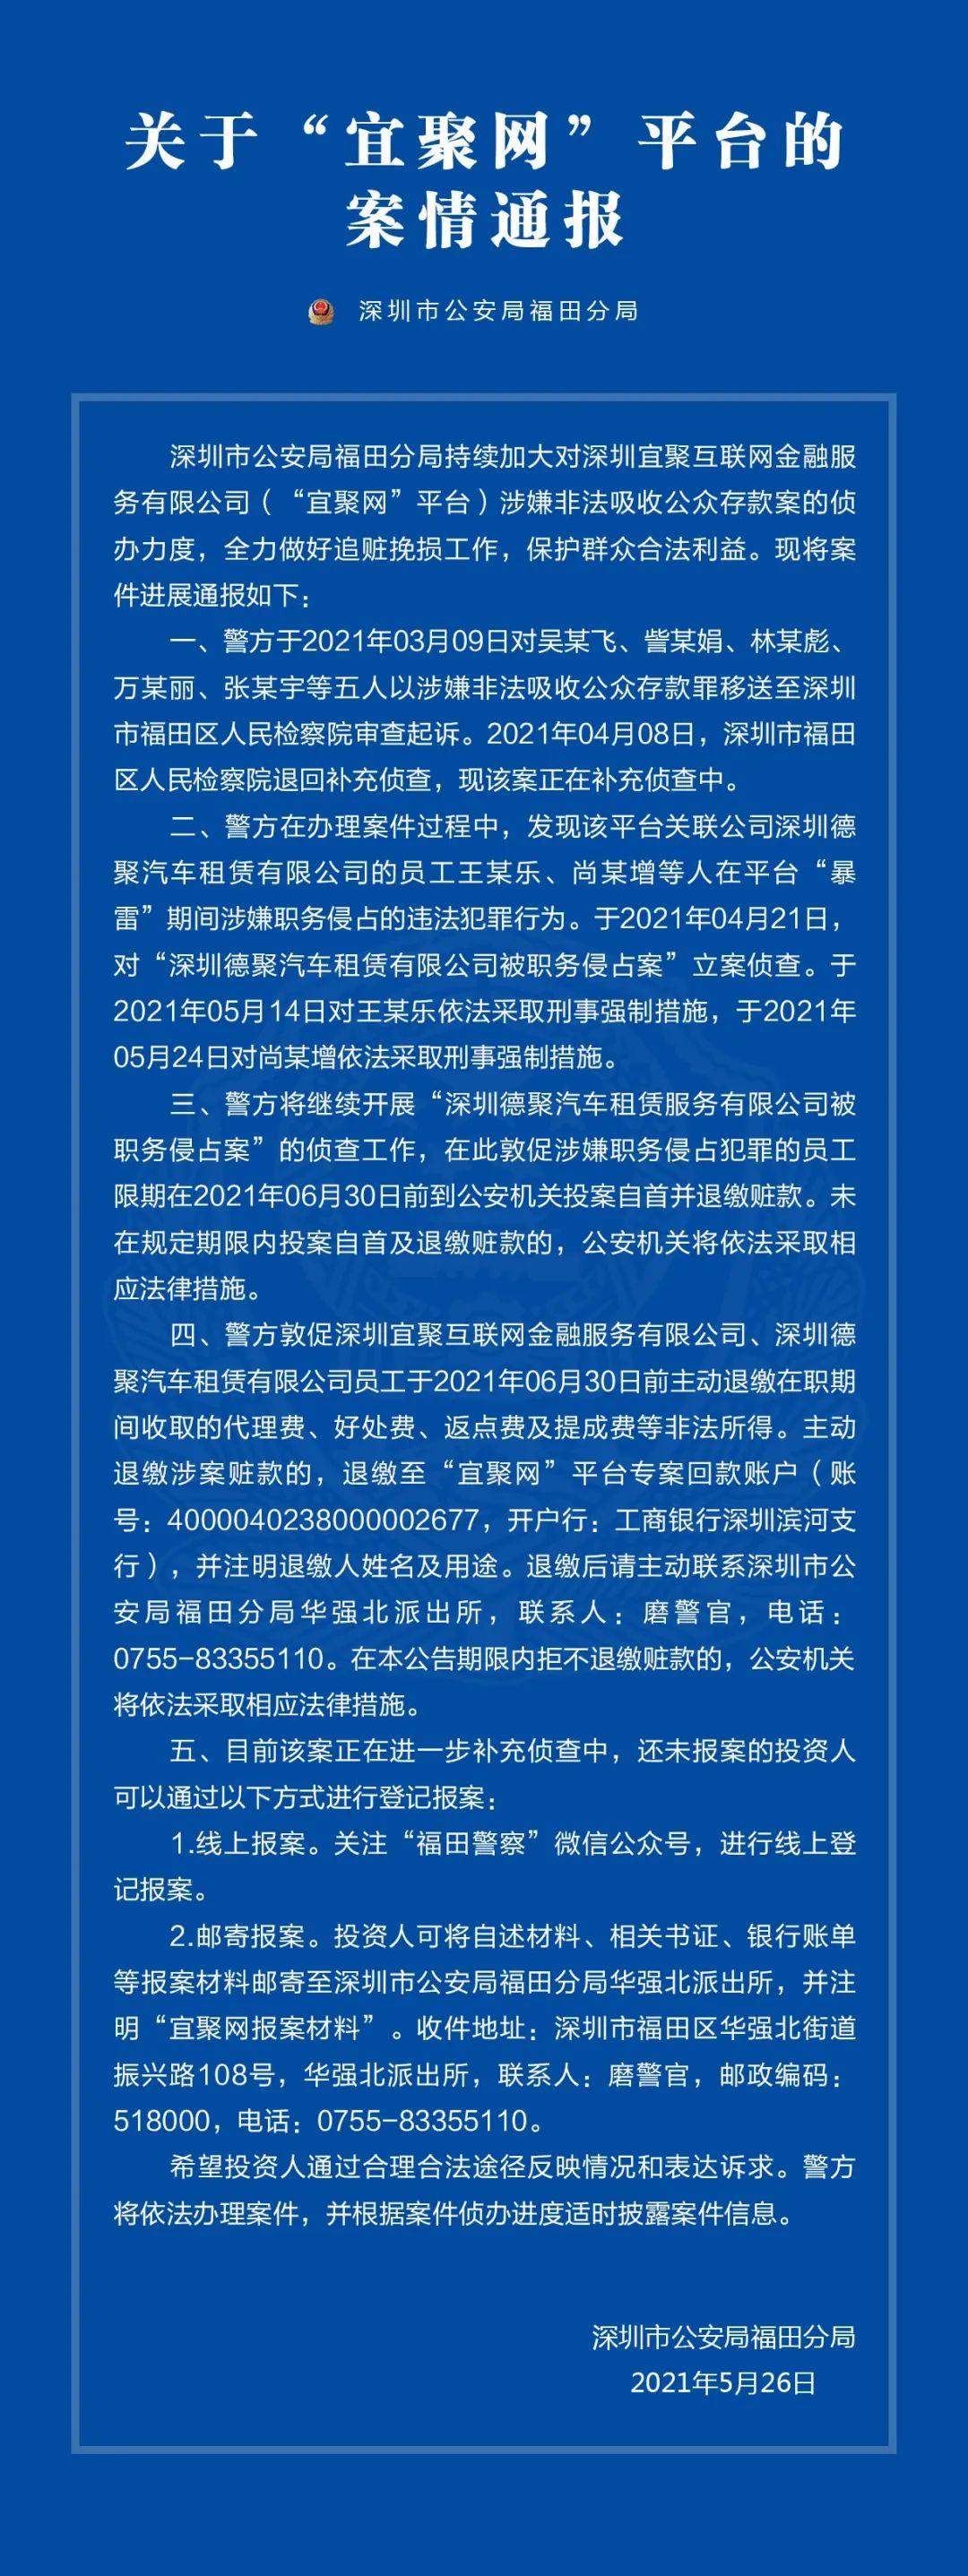 深圳又一立案平台新进展:5人已被移送起诉 警方敦促涉案员工退赃